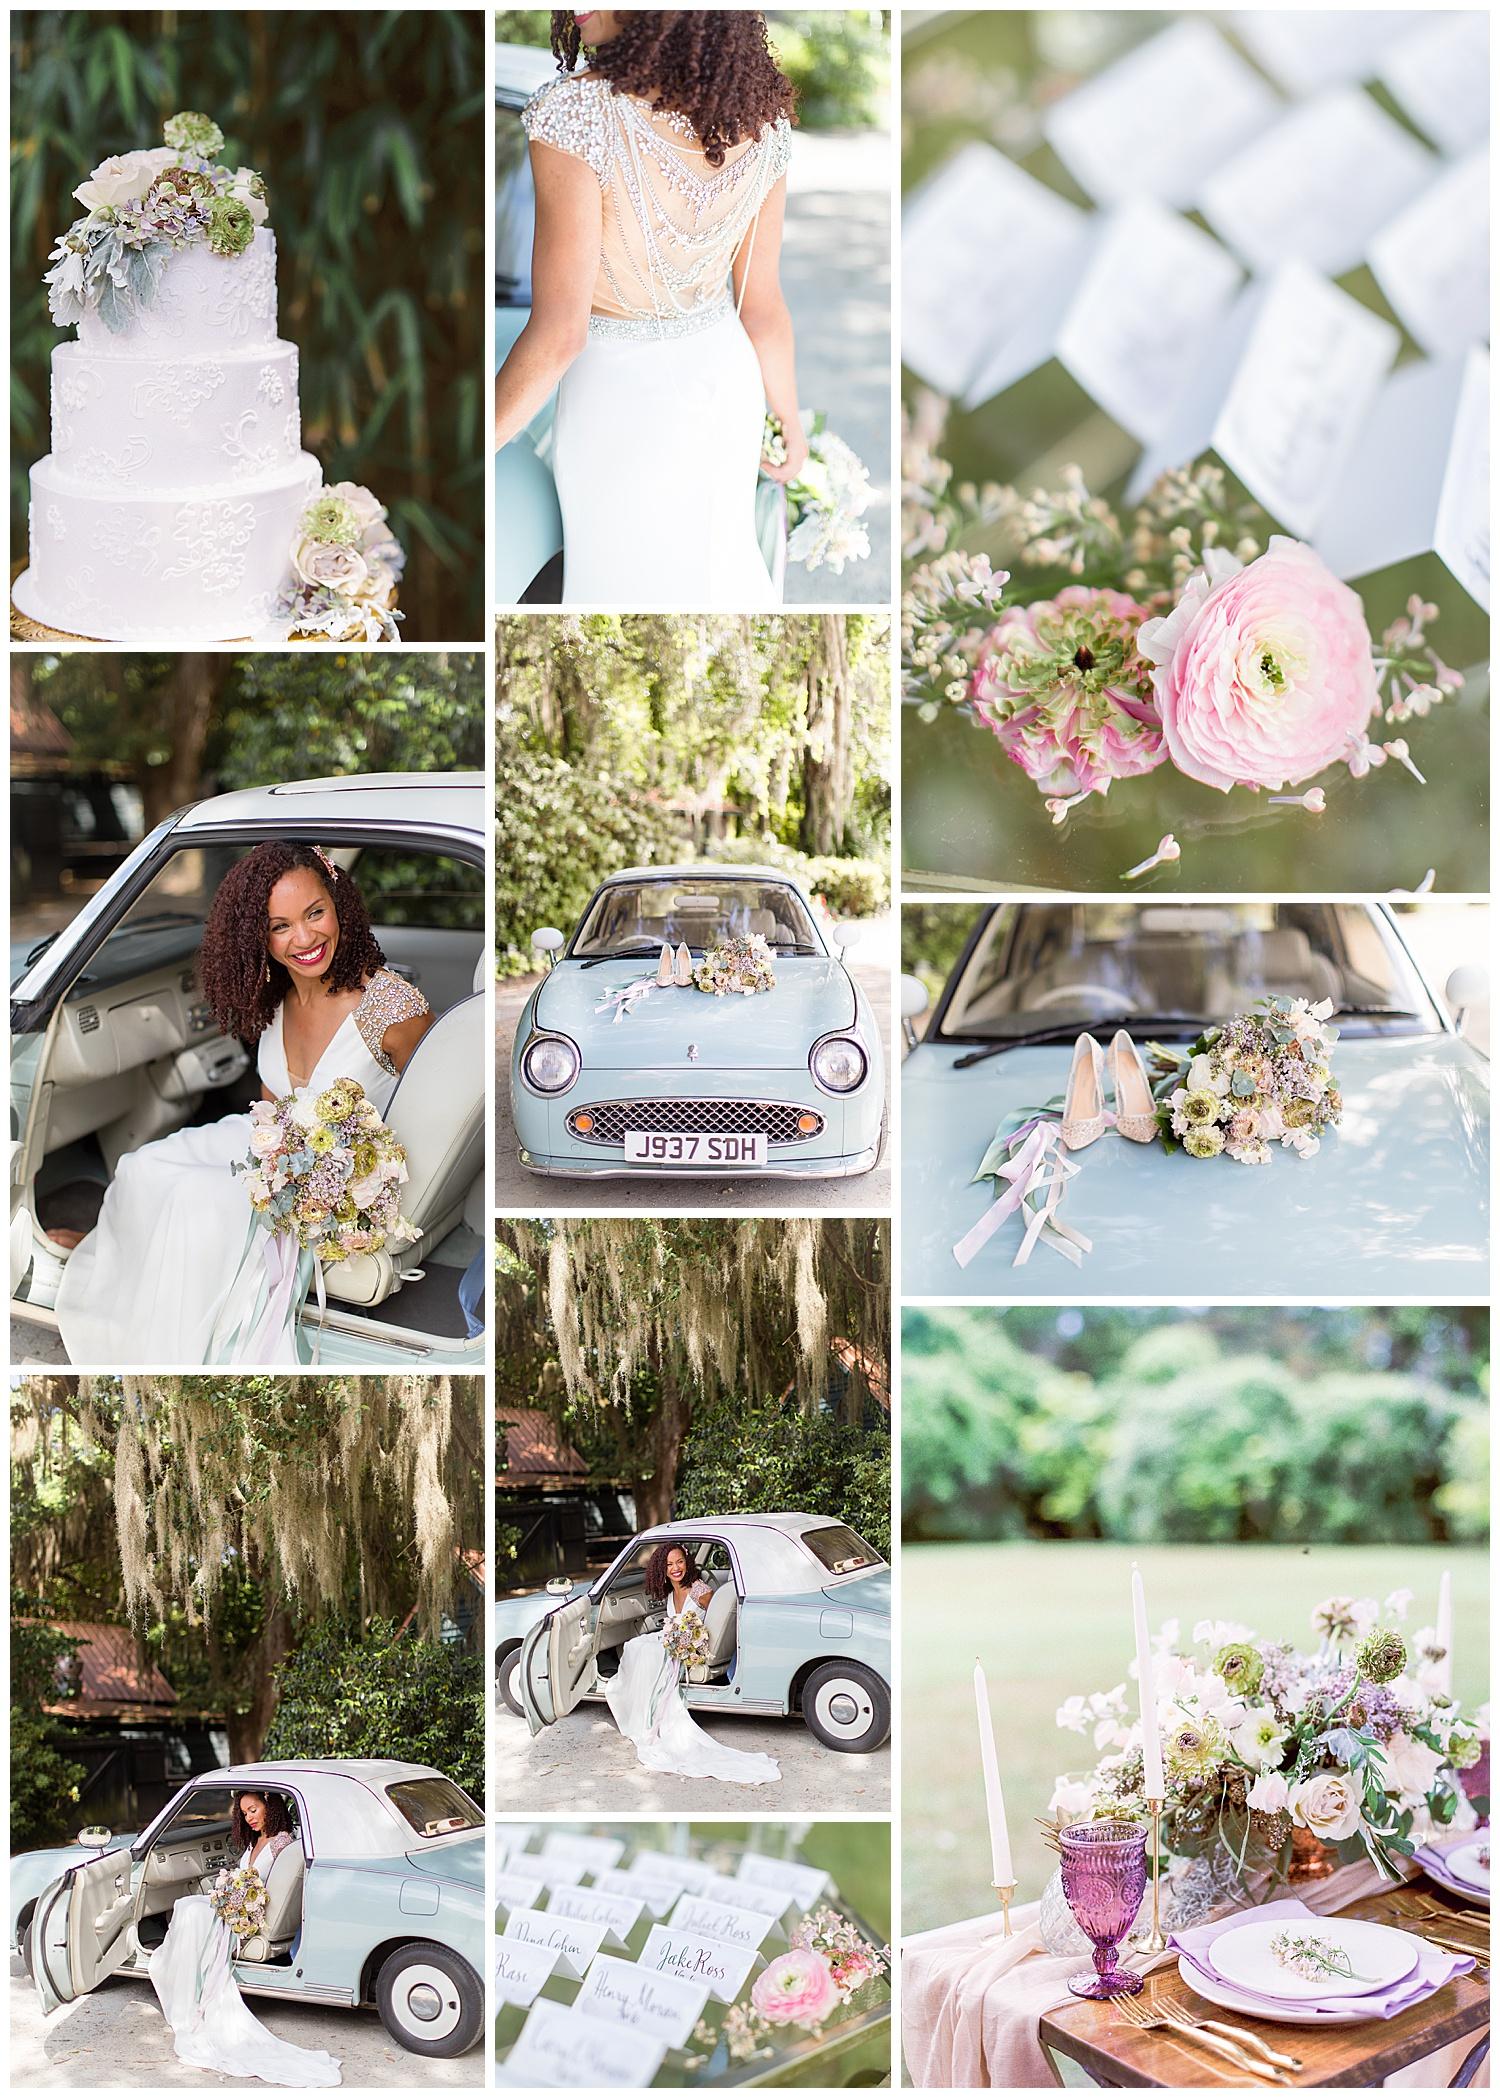 Magnolia-Plantation-bridal-wedding-styled-purple-sage-whimsical-kailee-dimeglio-photography02.jpg